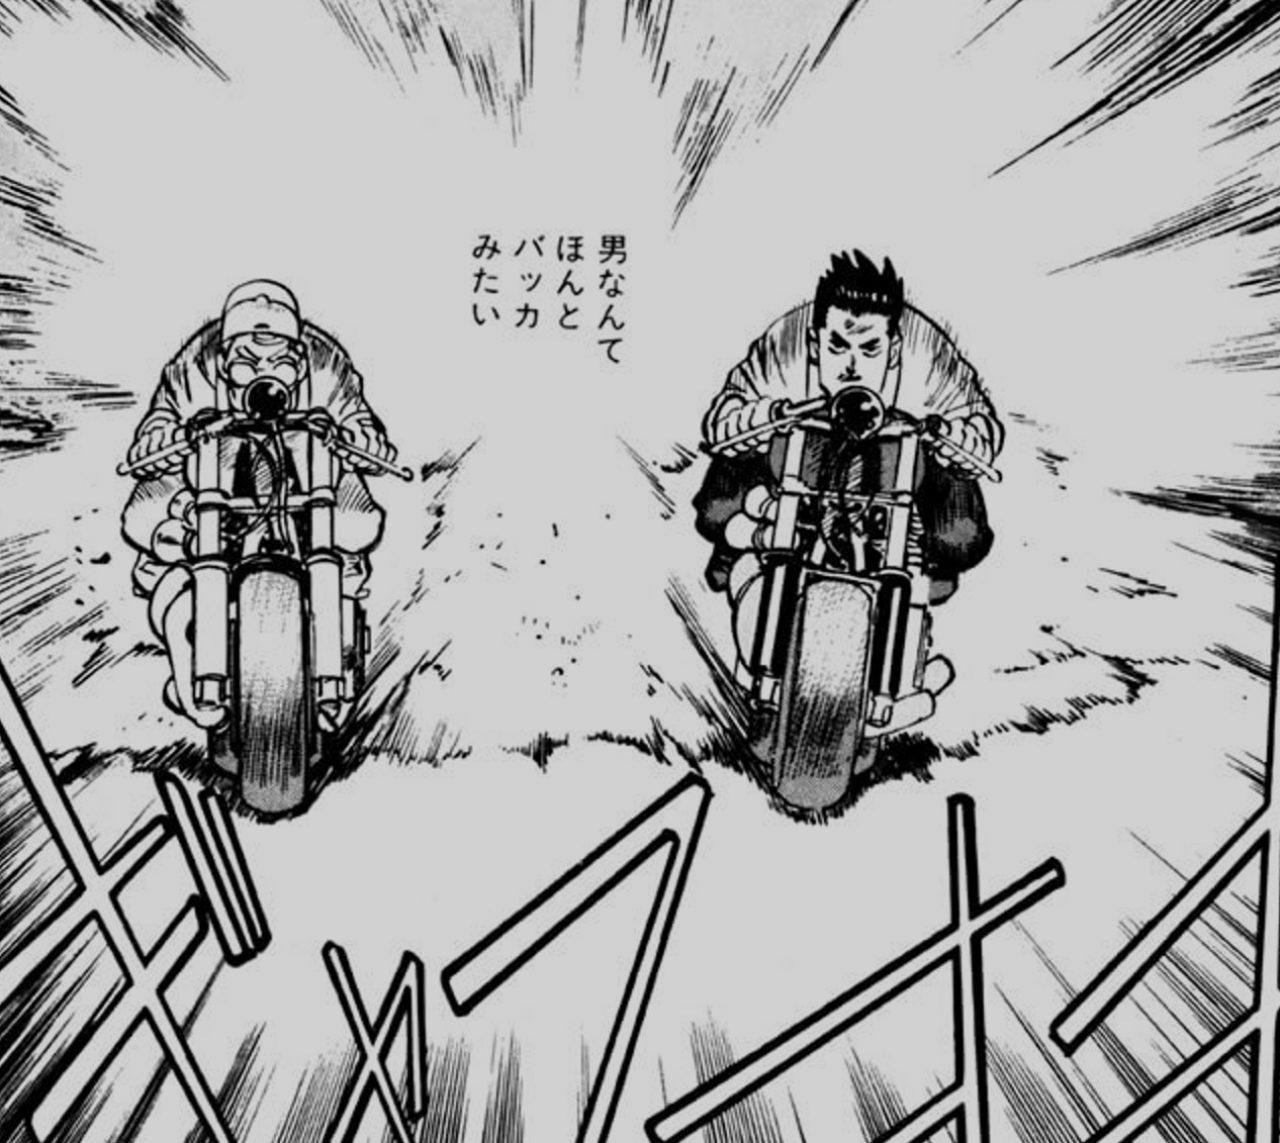 画像: 風のように突然去っていってしまう五郎さん